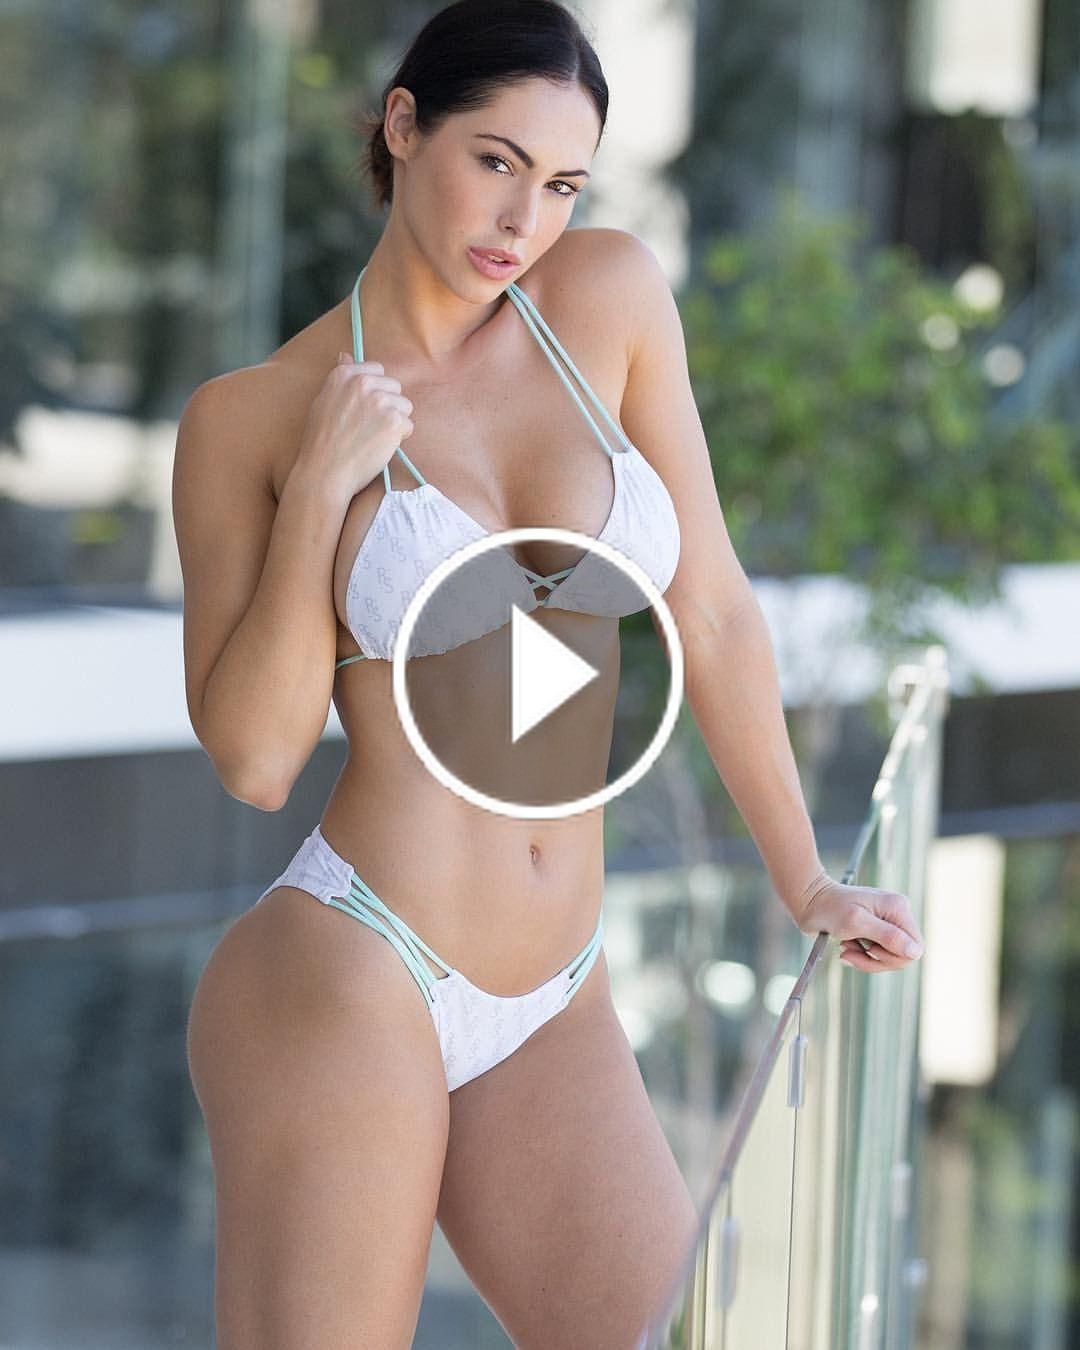 Teen panties webcam